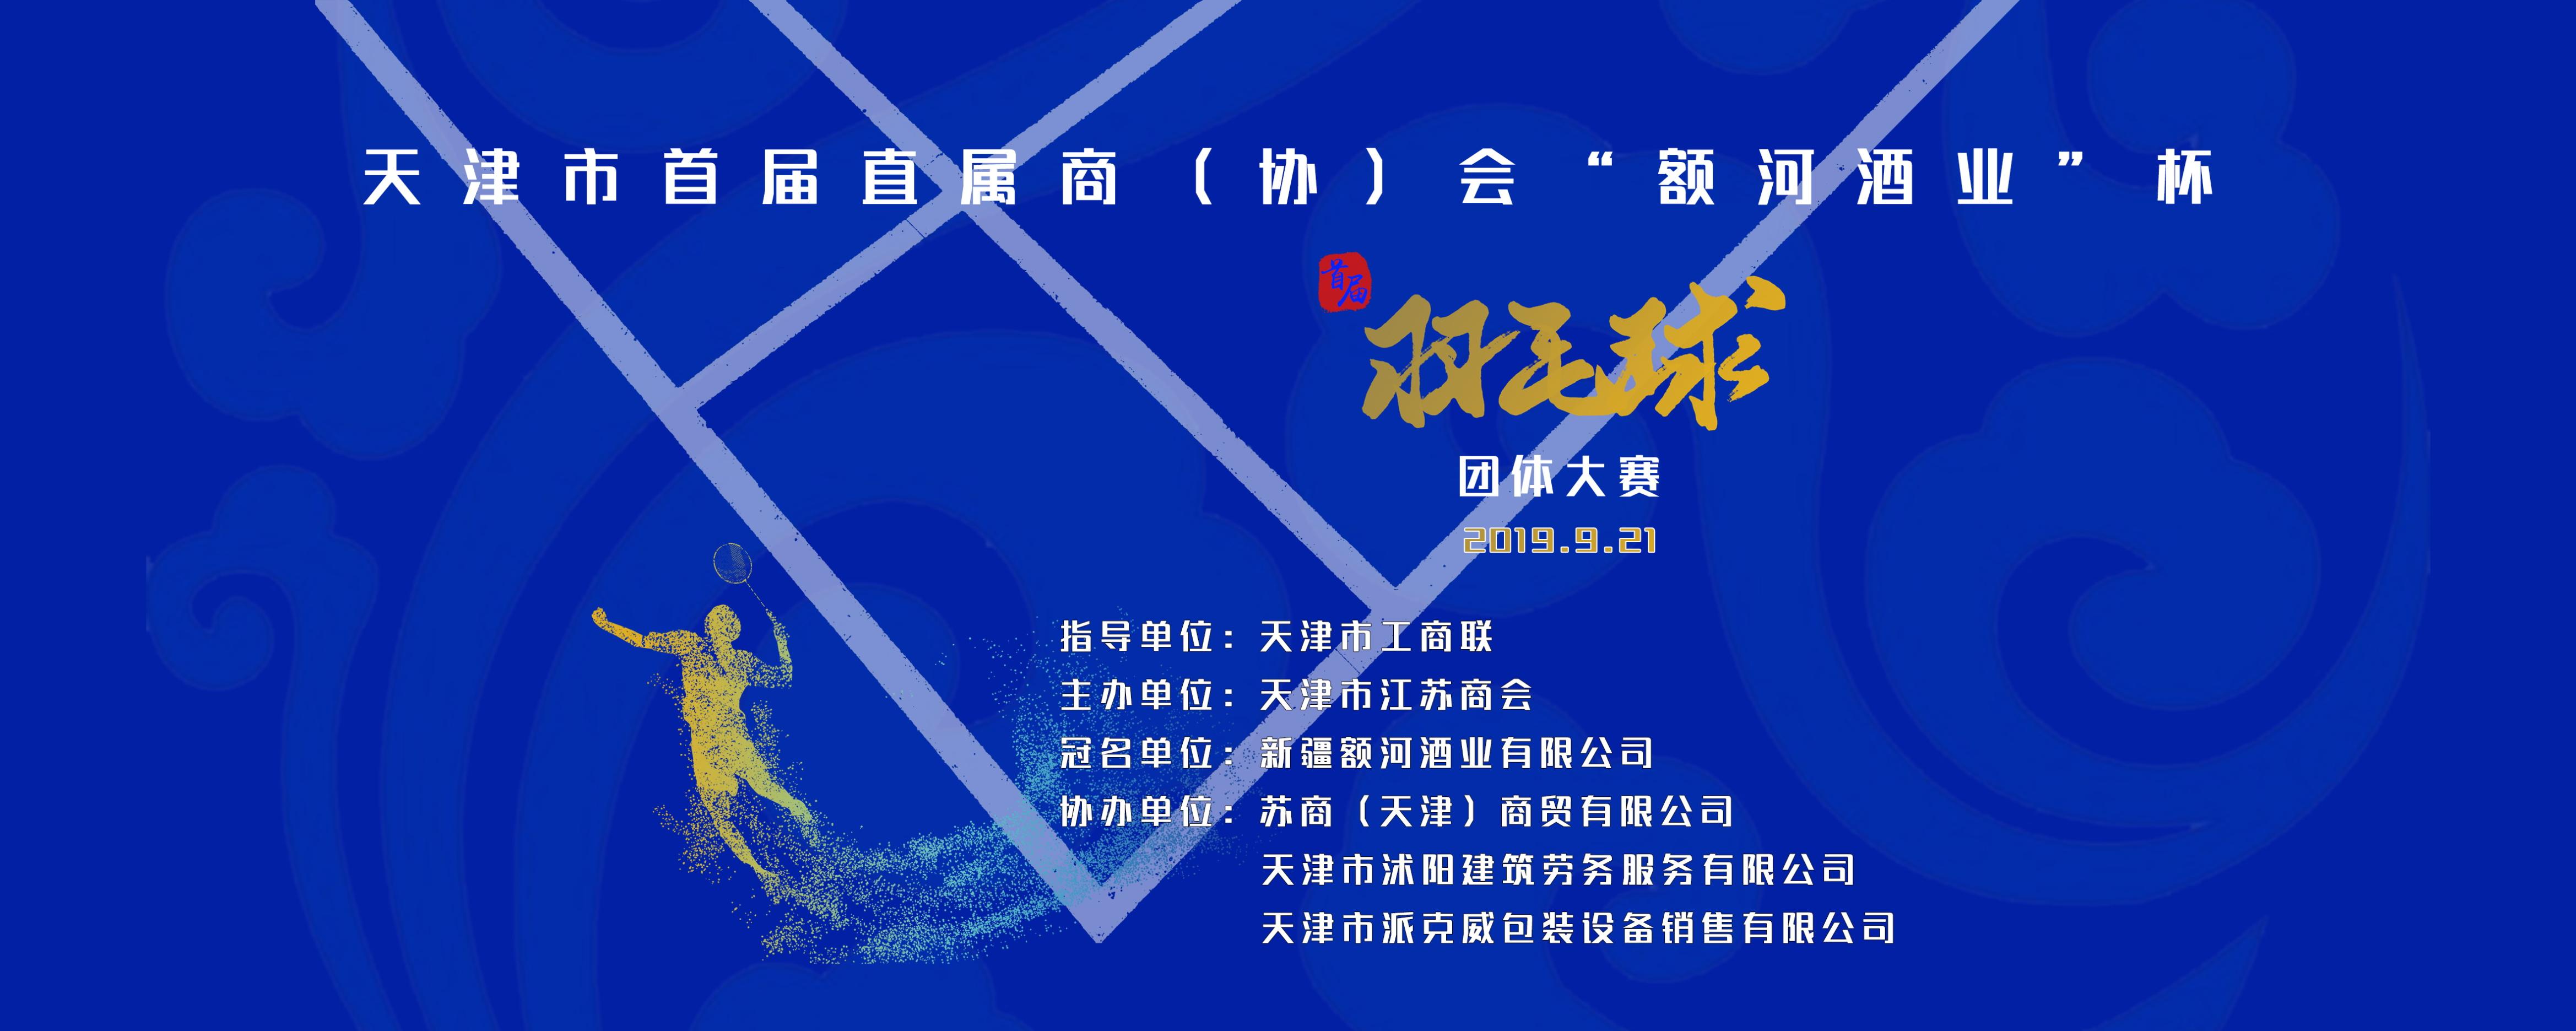 """天津市首届直属商(协)会""""额河酒业""""杯"""